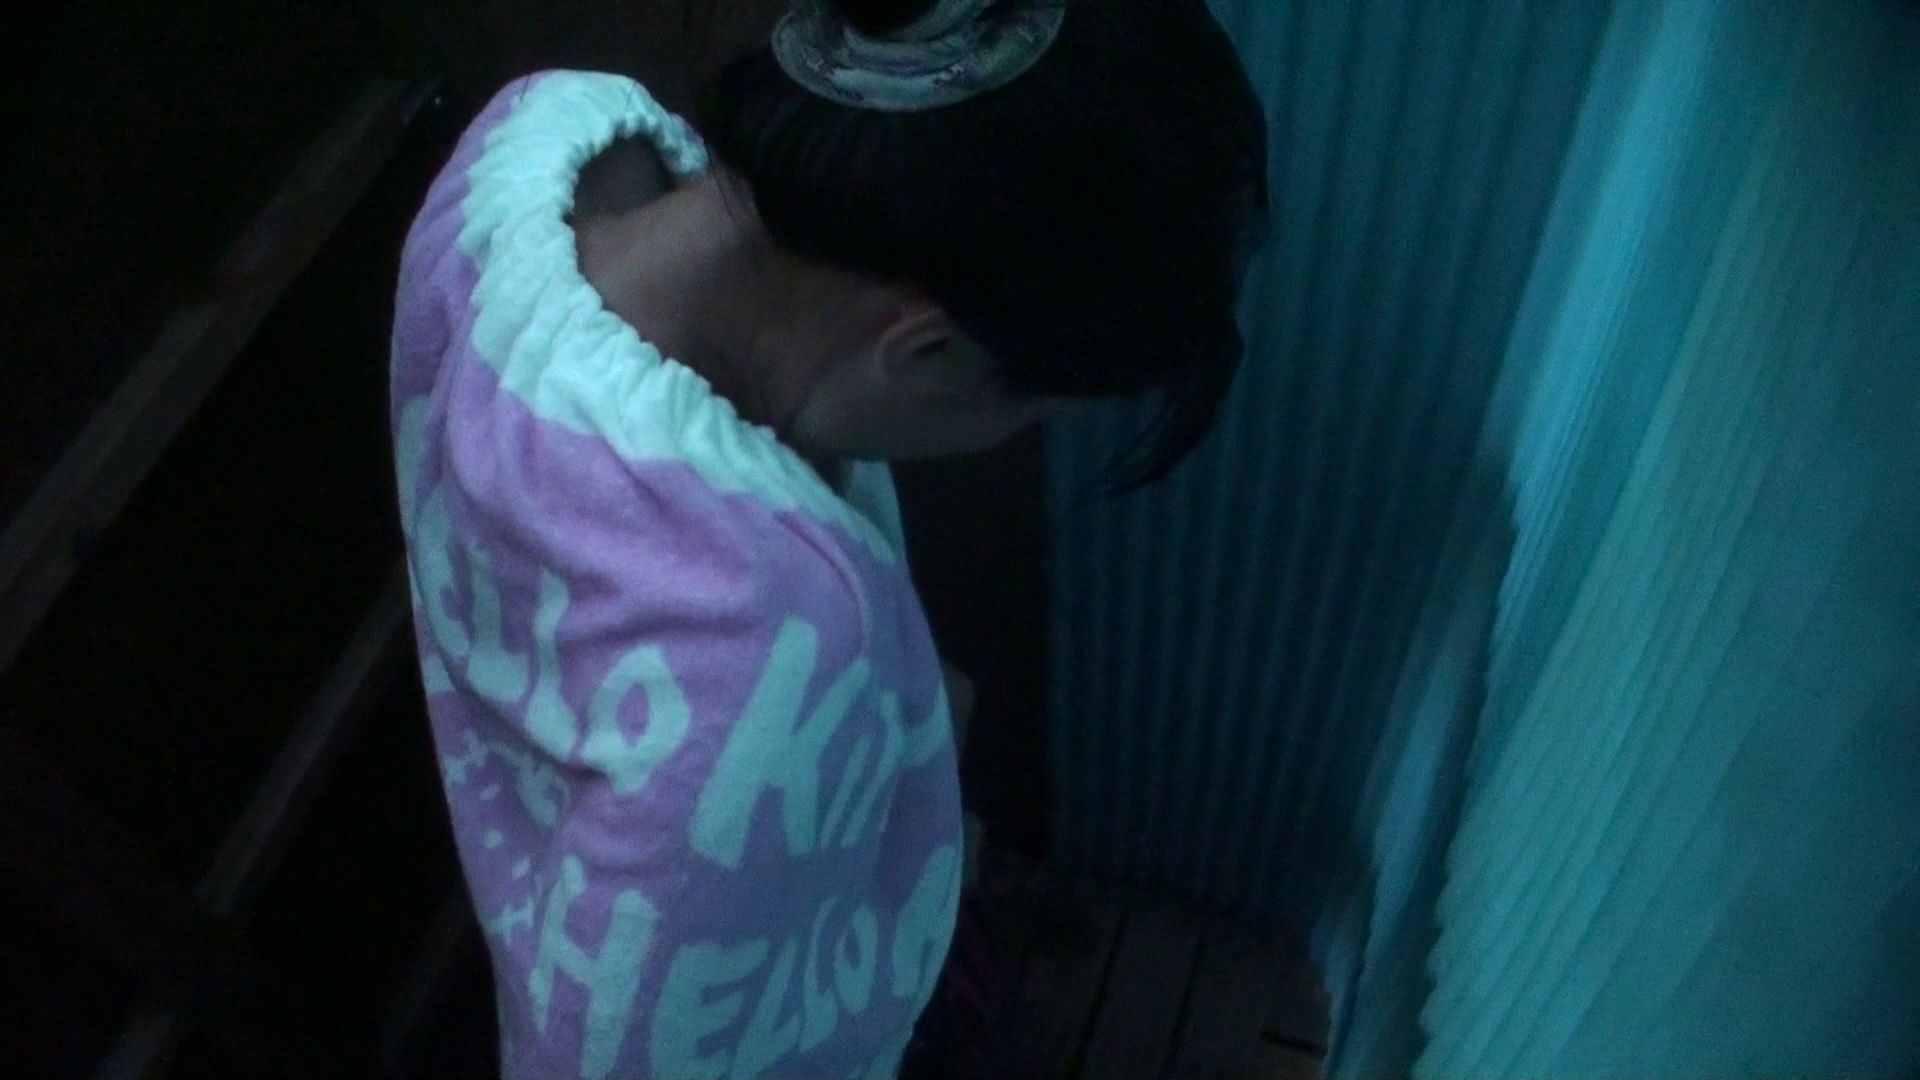 シャワールームは超!!危険な香りVol.26 大学生風美形ギャル 暗さが残念! シャワー | 高画質  106画像 45